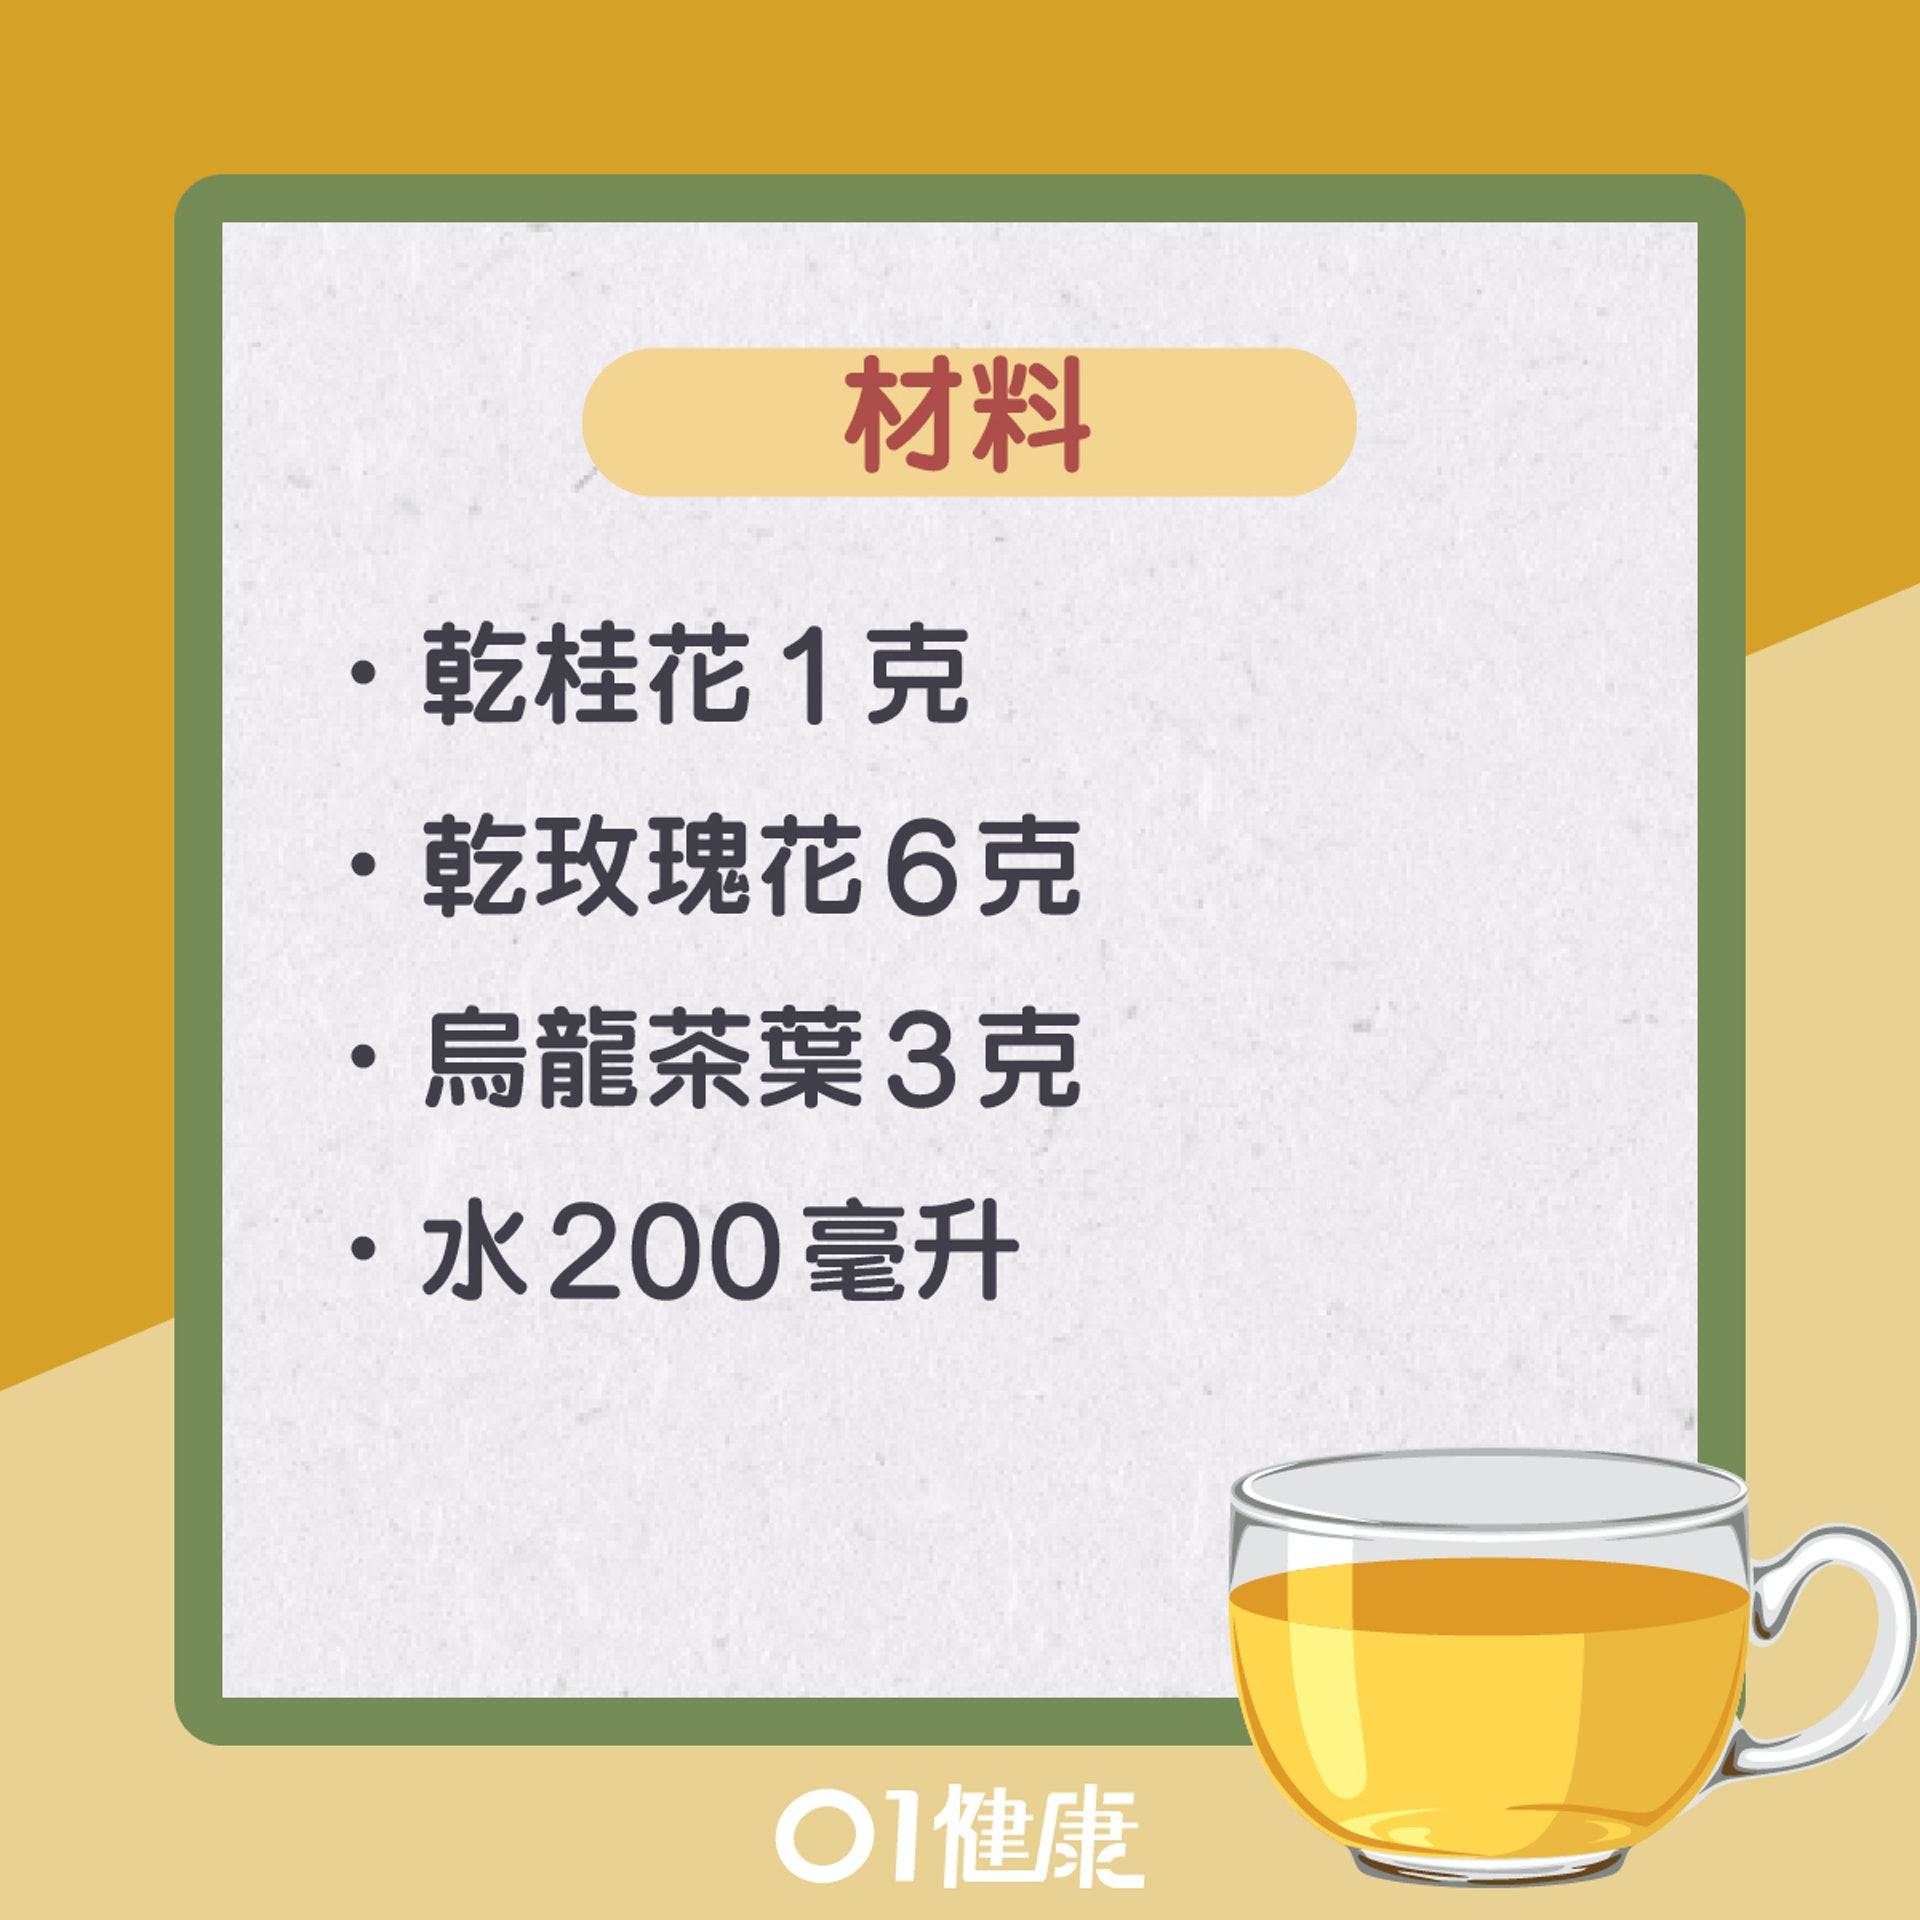 桂花玫瑰花茶(01製圖)